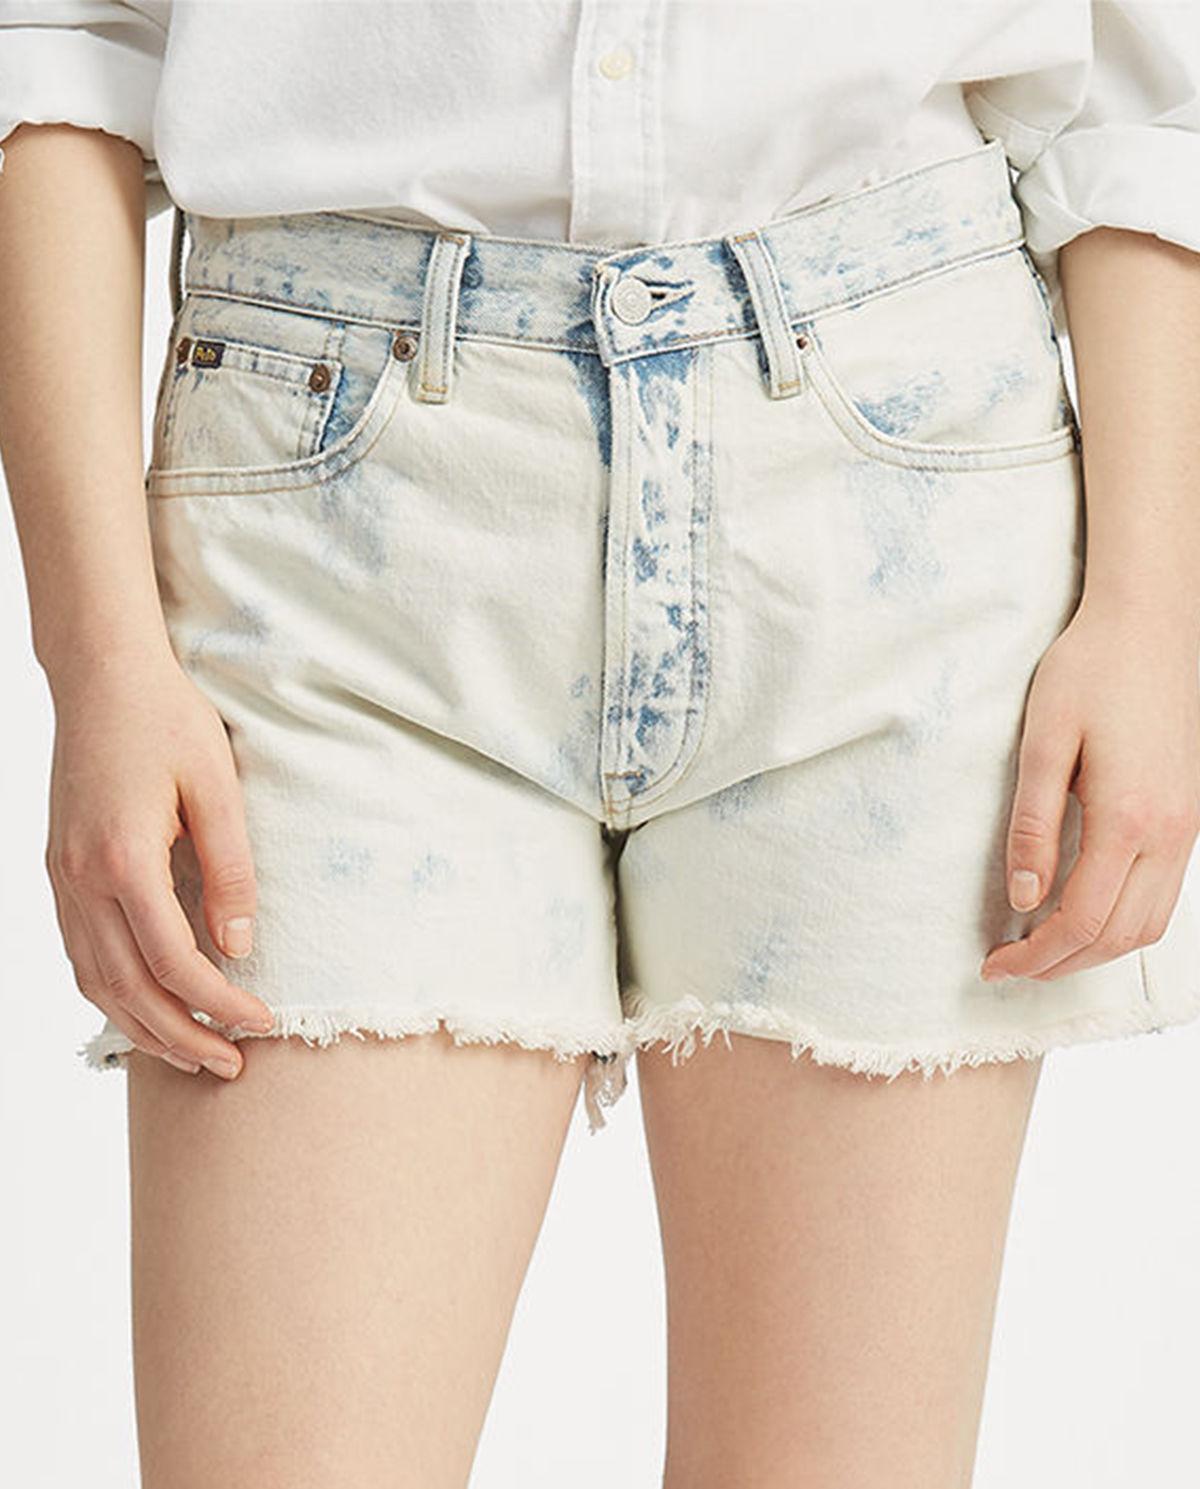 c492ce89d69cd1 Spodenki jeansowe boyfriend RALPH LAUREN – Kup Teraz! Najlepsze ceny i  opinie! Sklep Moliera2.com